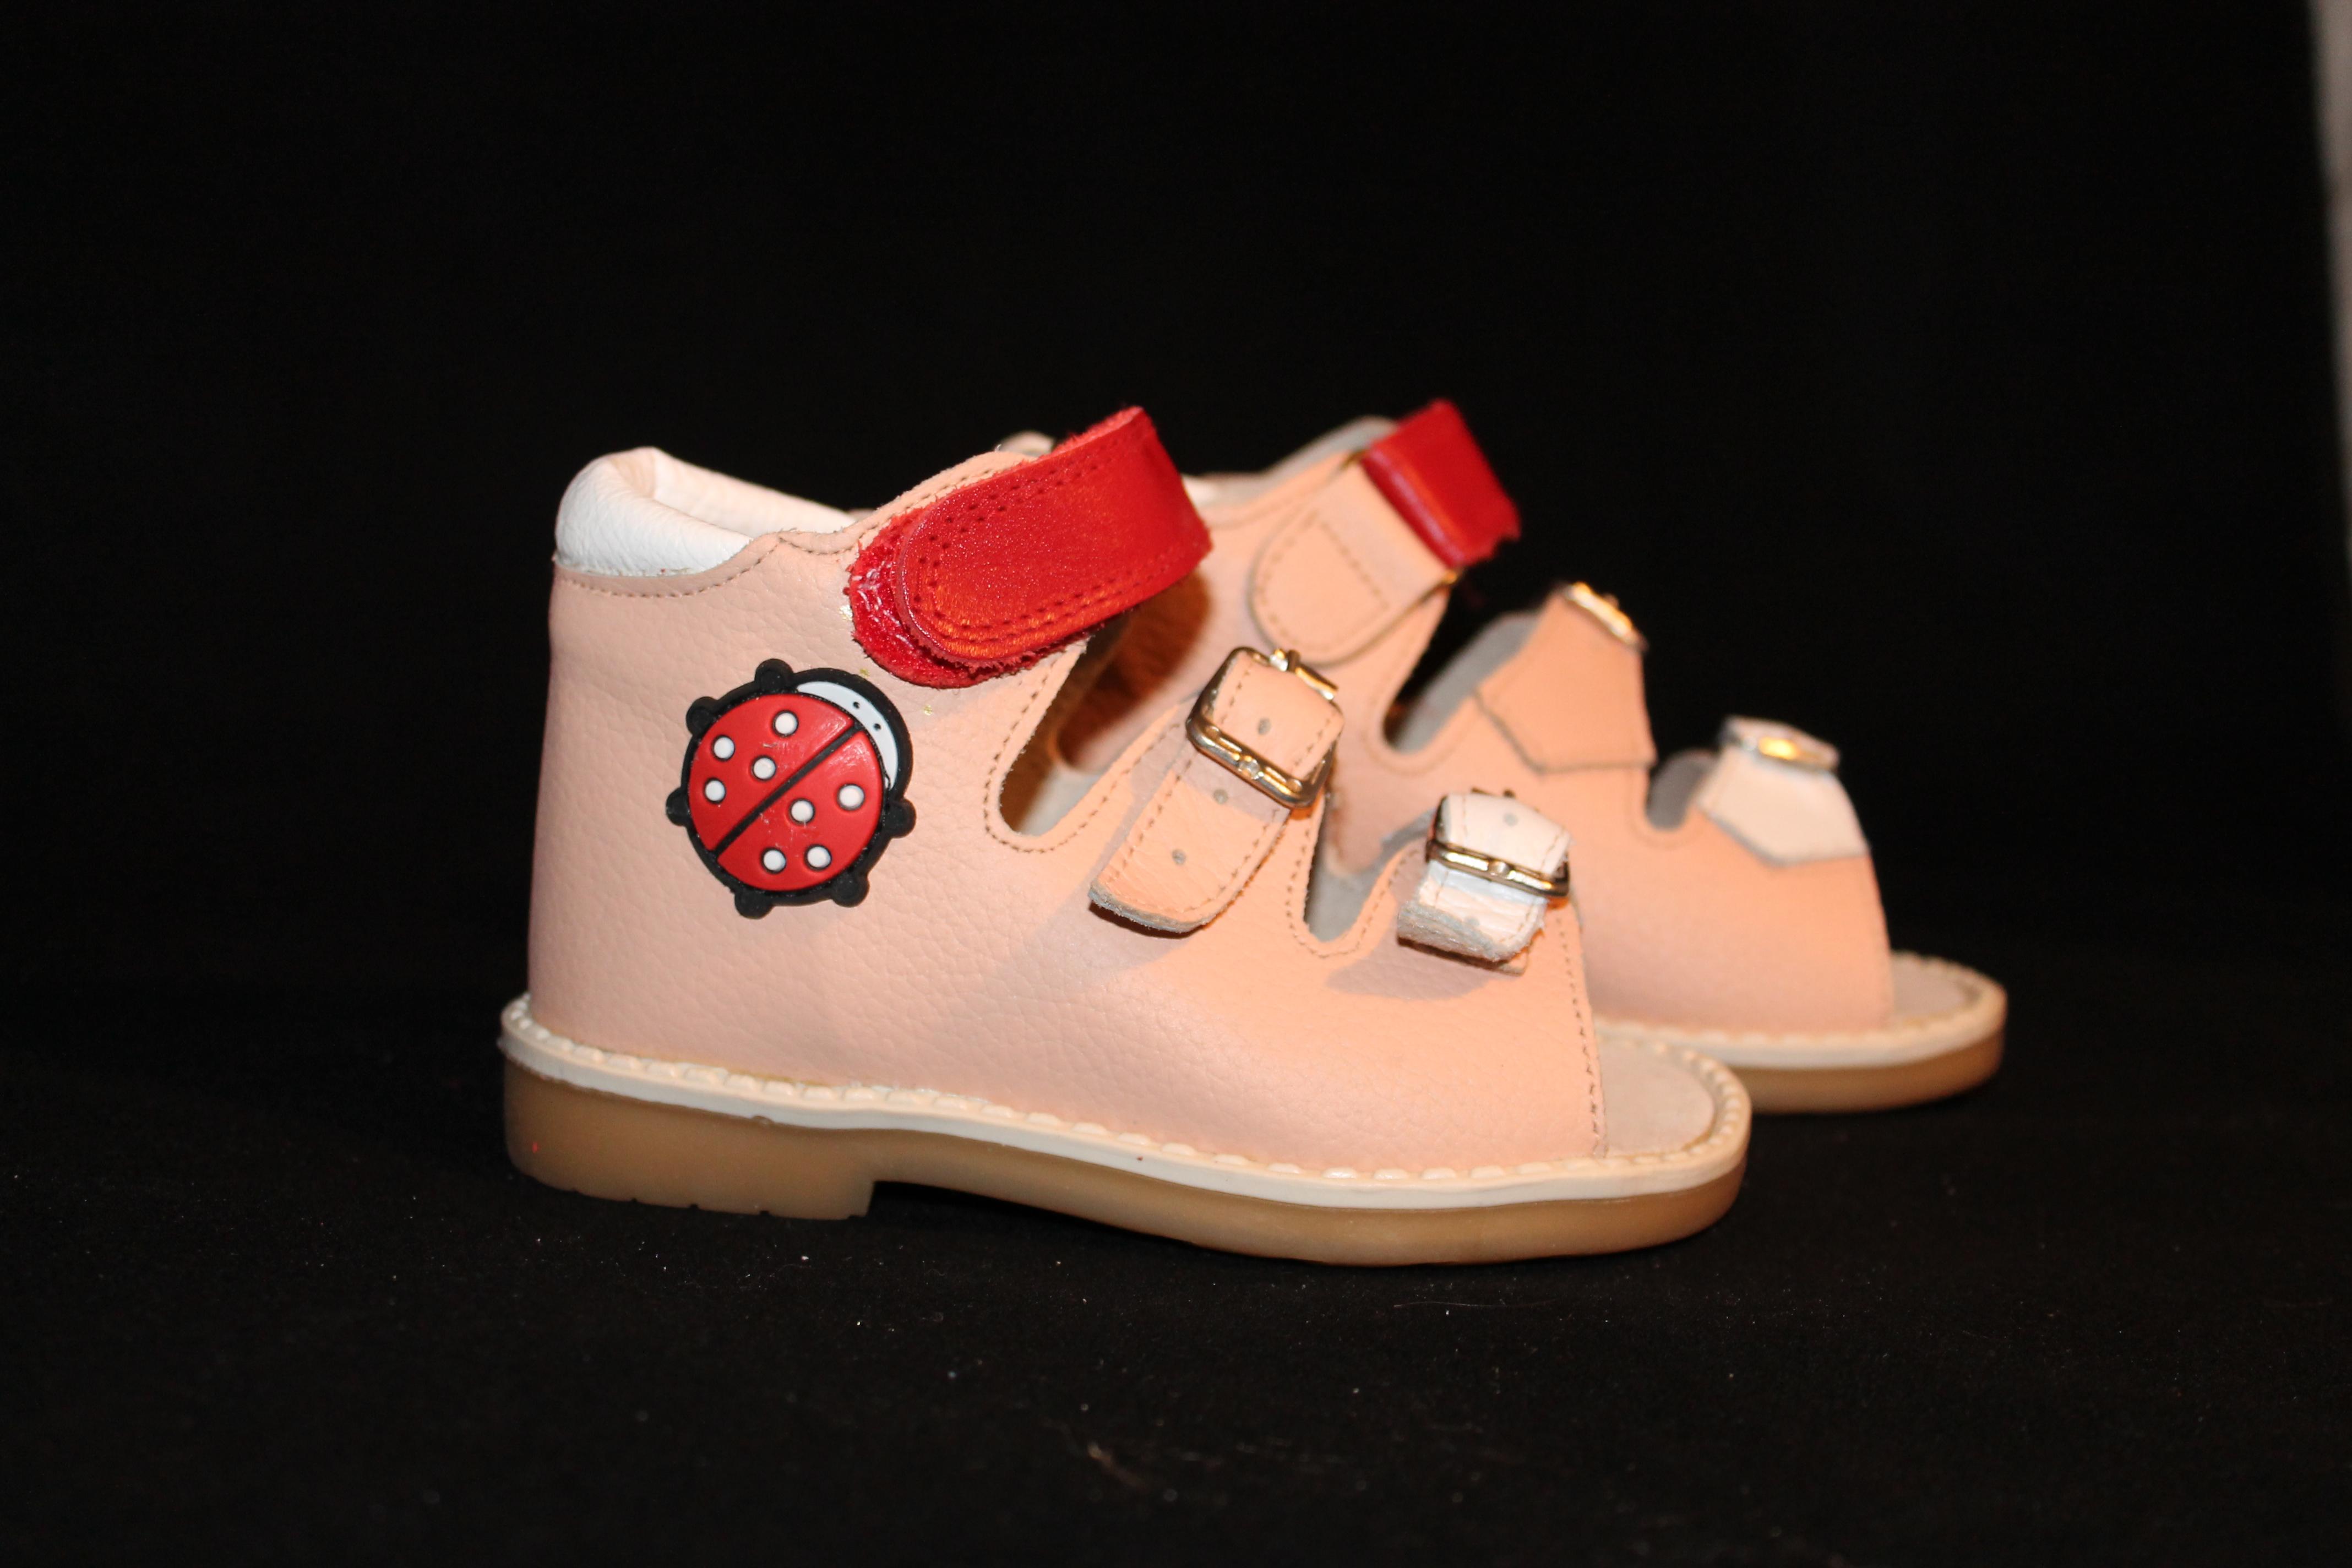 Сбор заказов. Детская обувь. Домашняя, спортивная, ортопедическая и на каждый день! От производителя. Цены от 160 руб. Галерея живое фото + замеры. Без рядов. Консультирую по подбору размера! Выкуп 7